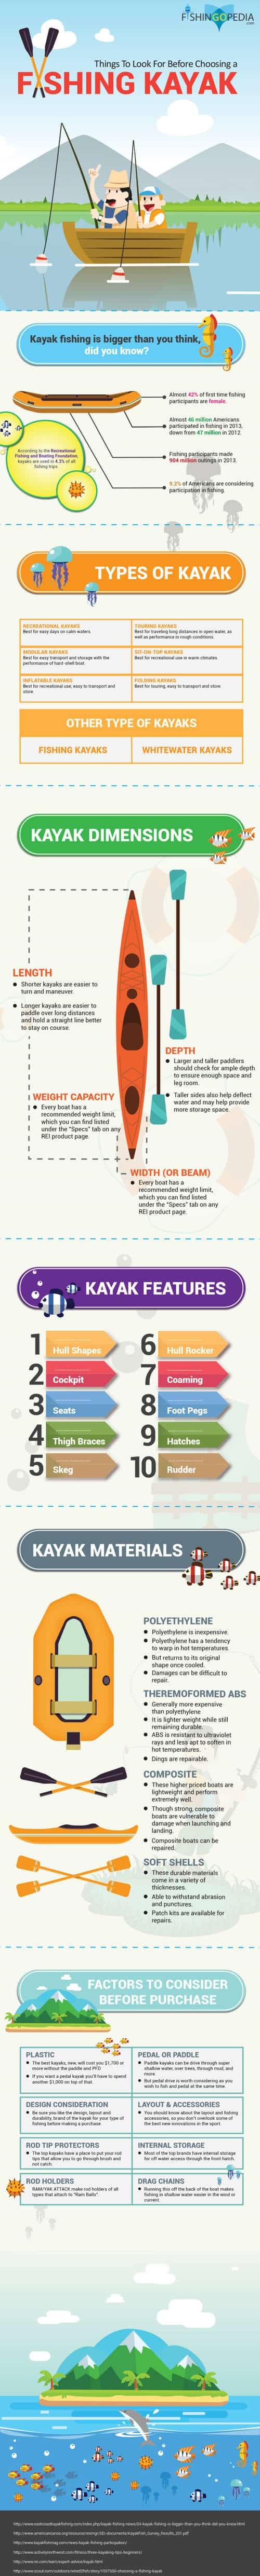 kayak de pesca infografia